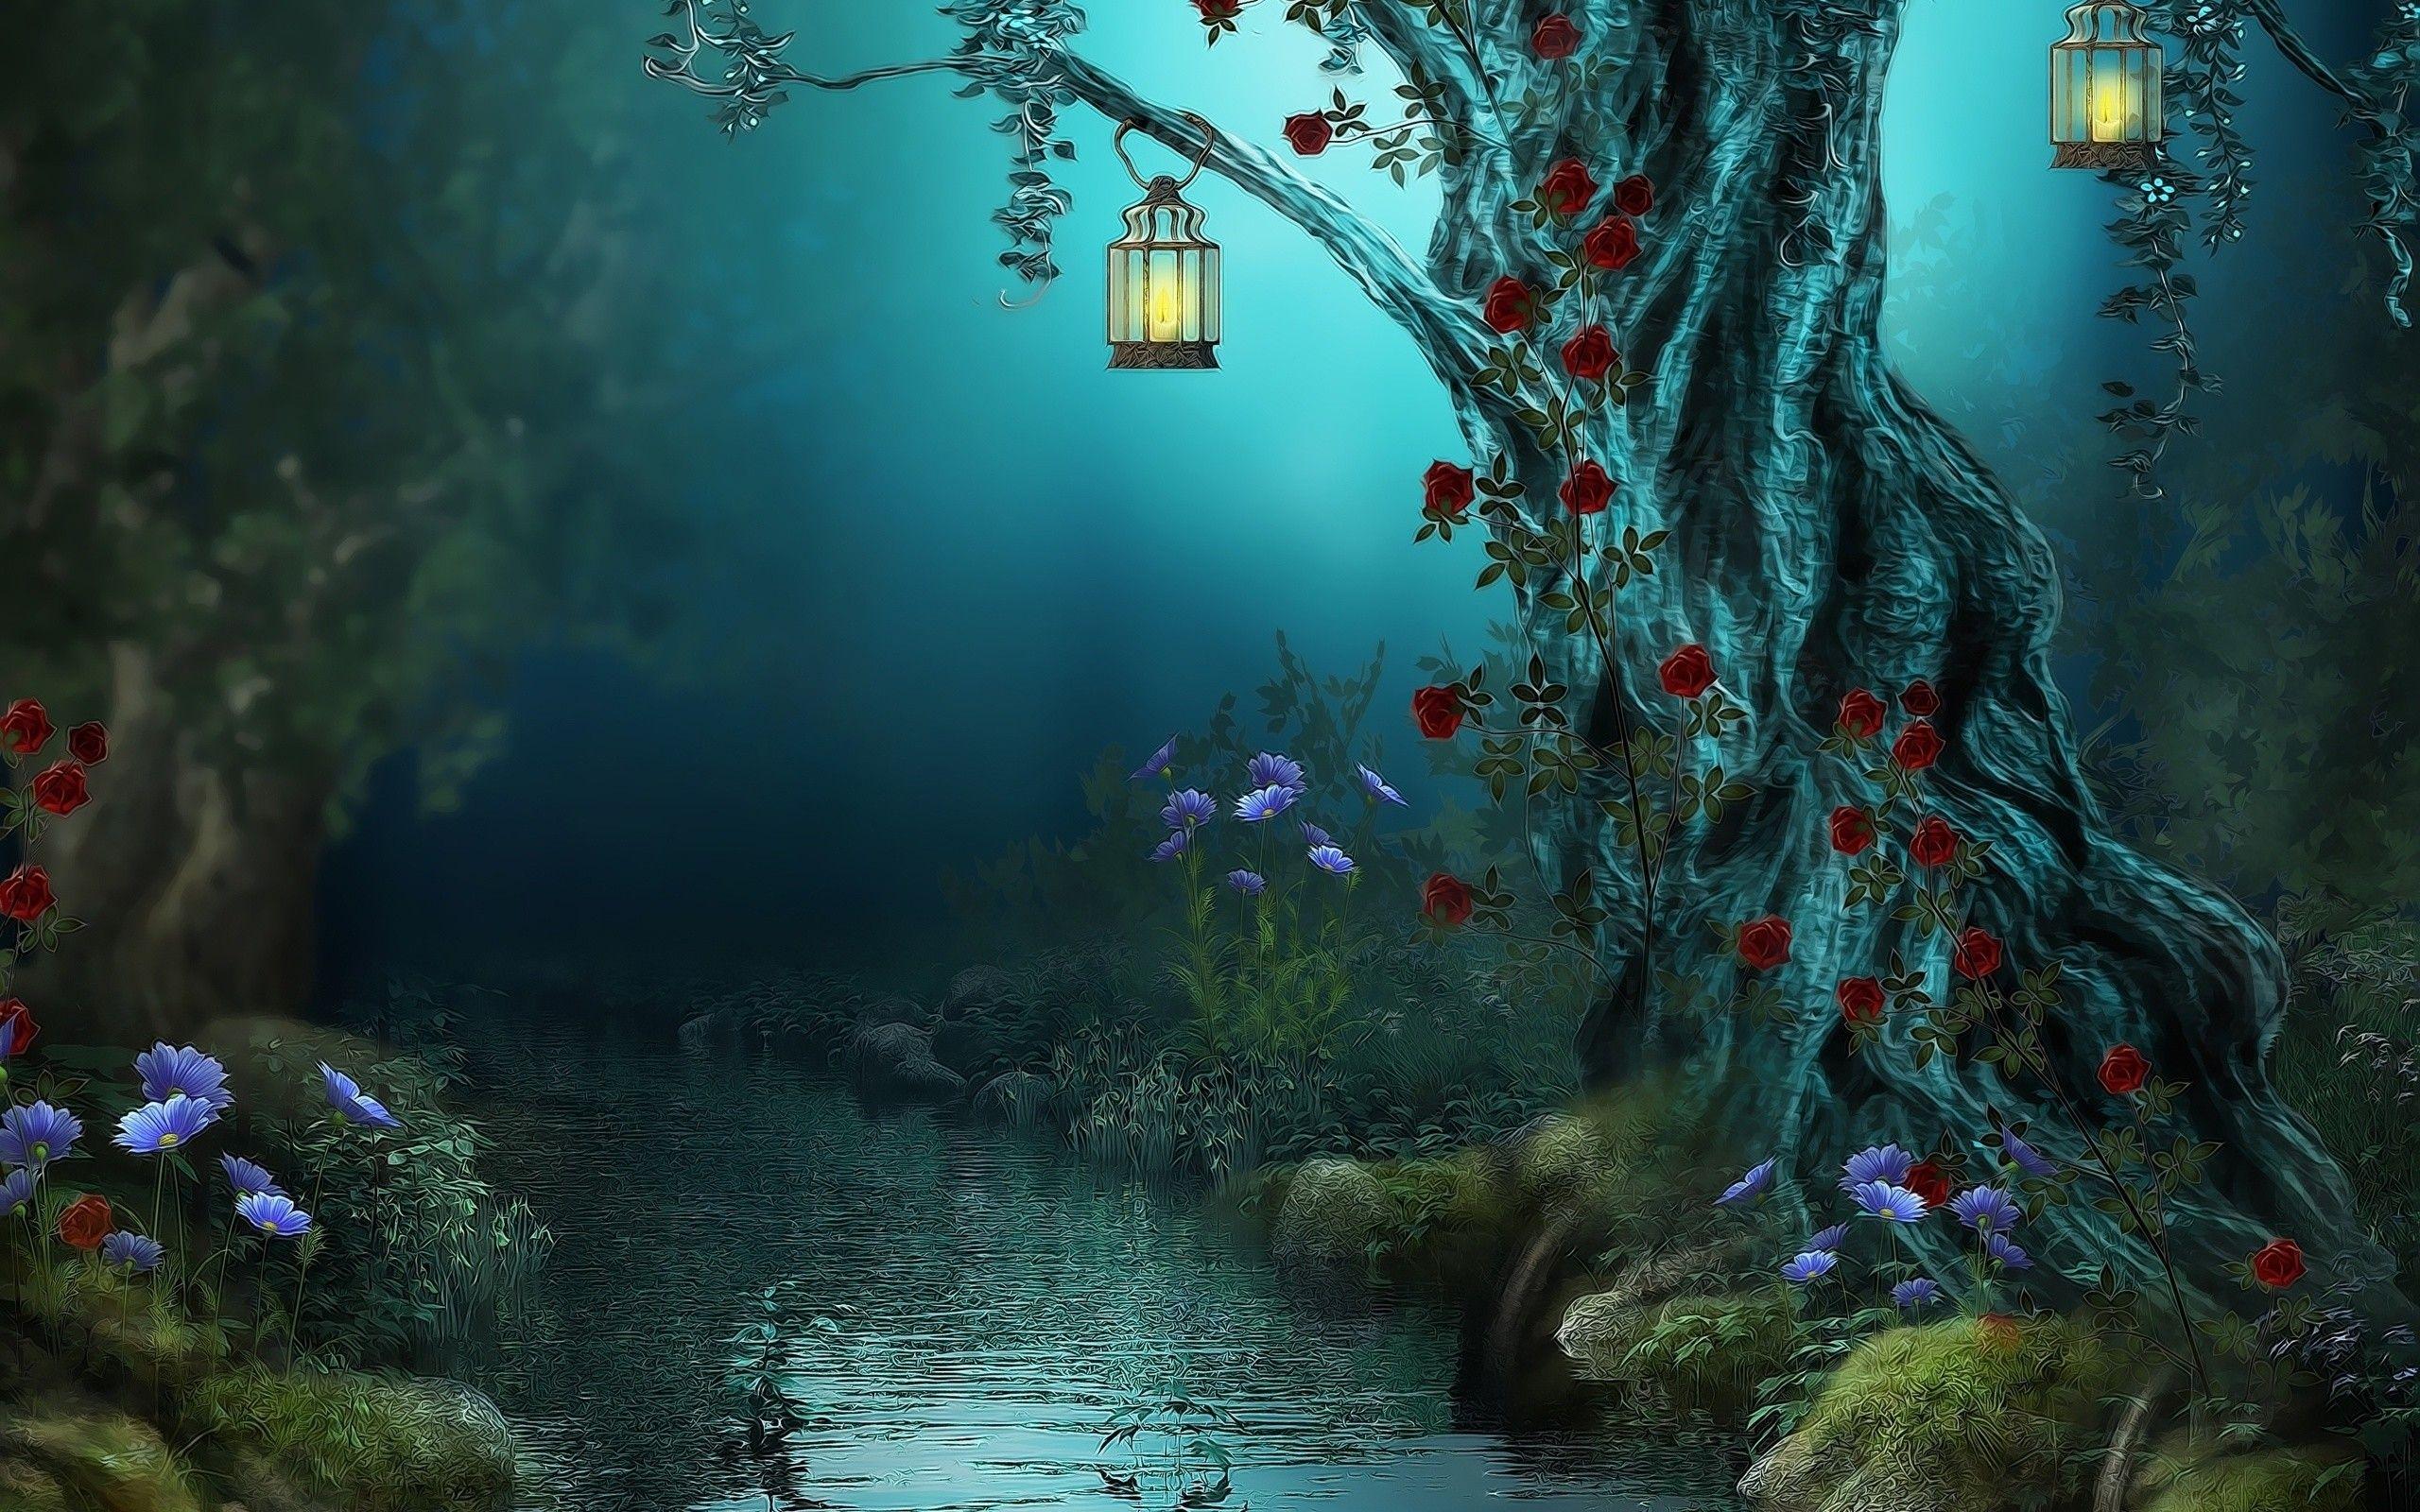 …amikor a Fény az egyetlen…